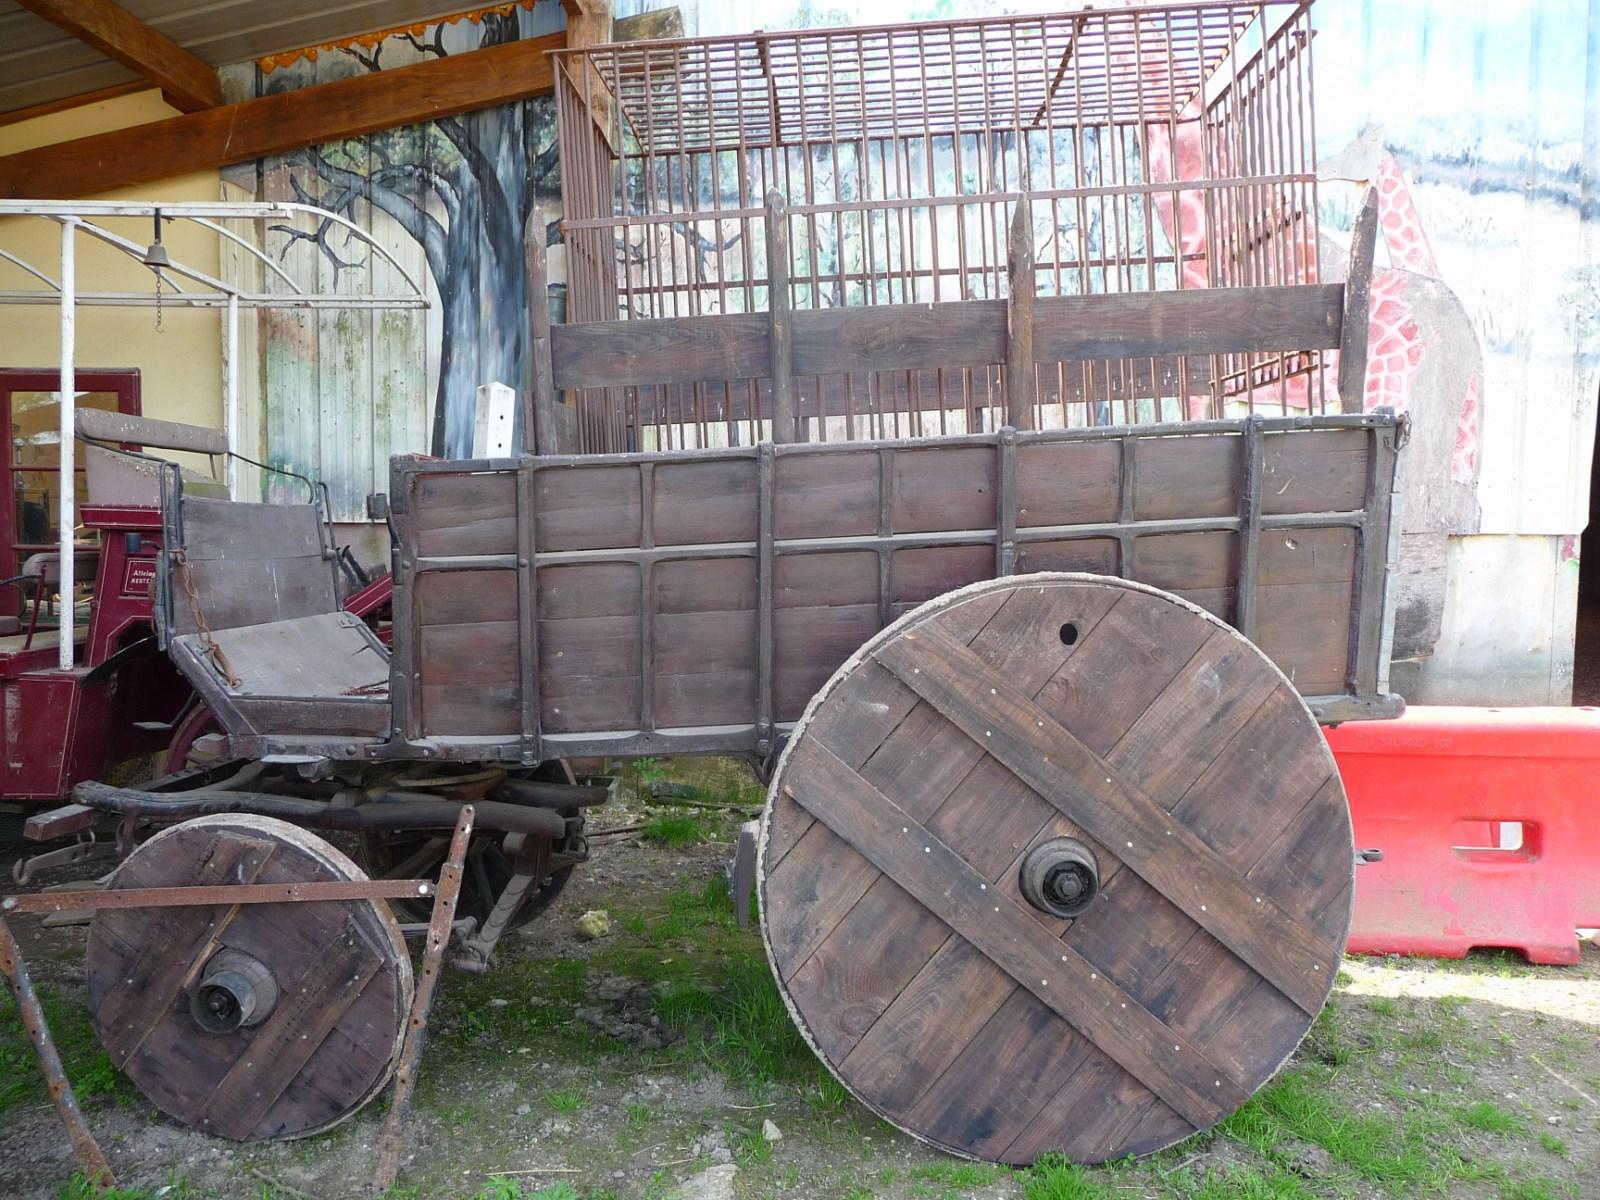 chariot gaulois attelages kesteloot. Black Bedroom Furniture Sets. Home Design Ideas